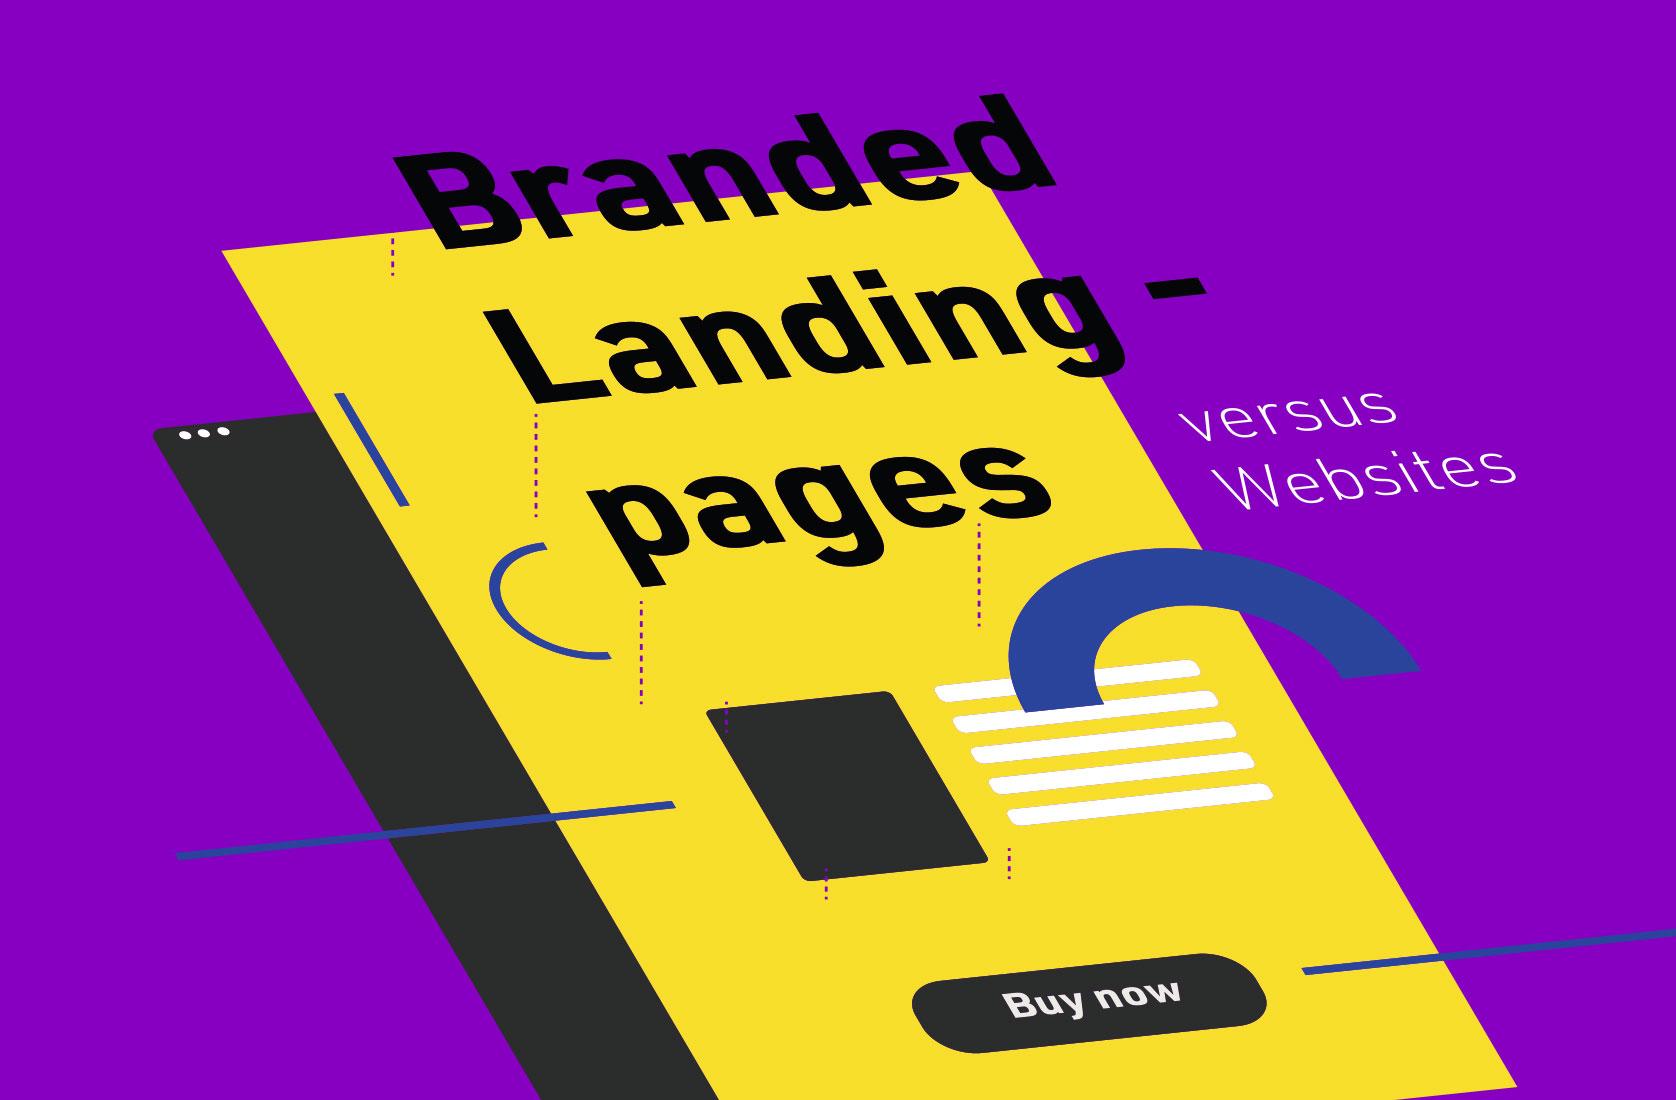 Branded Landingpage oder Website – was ist jetzt das richtige?